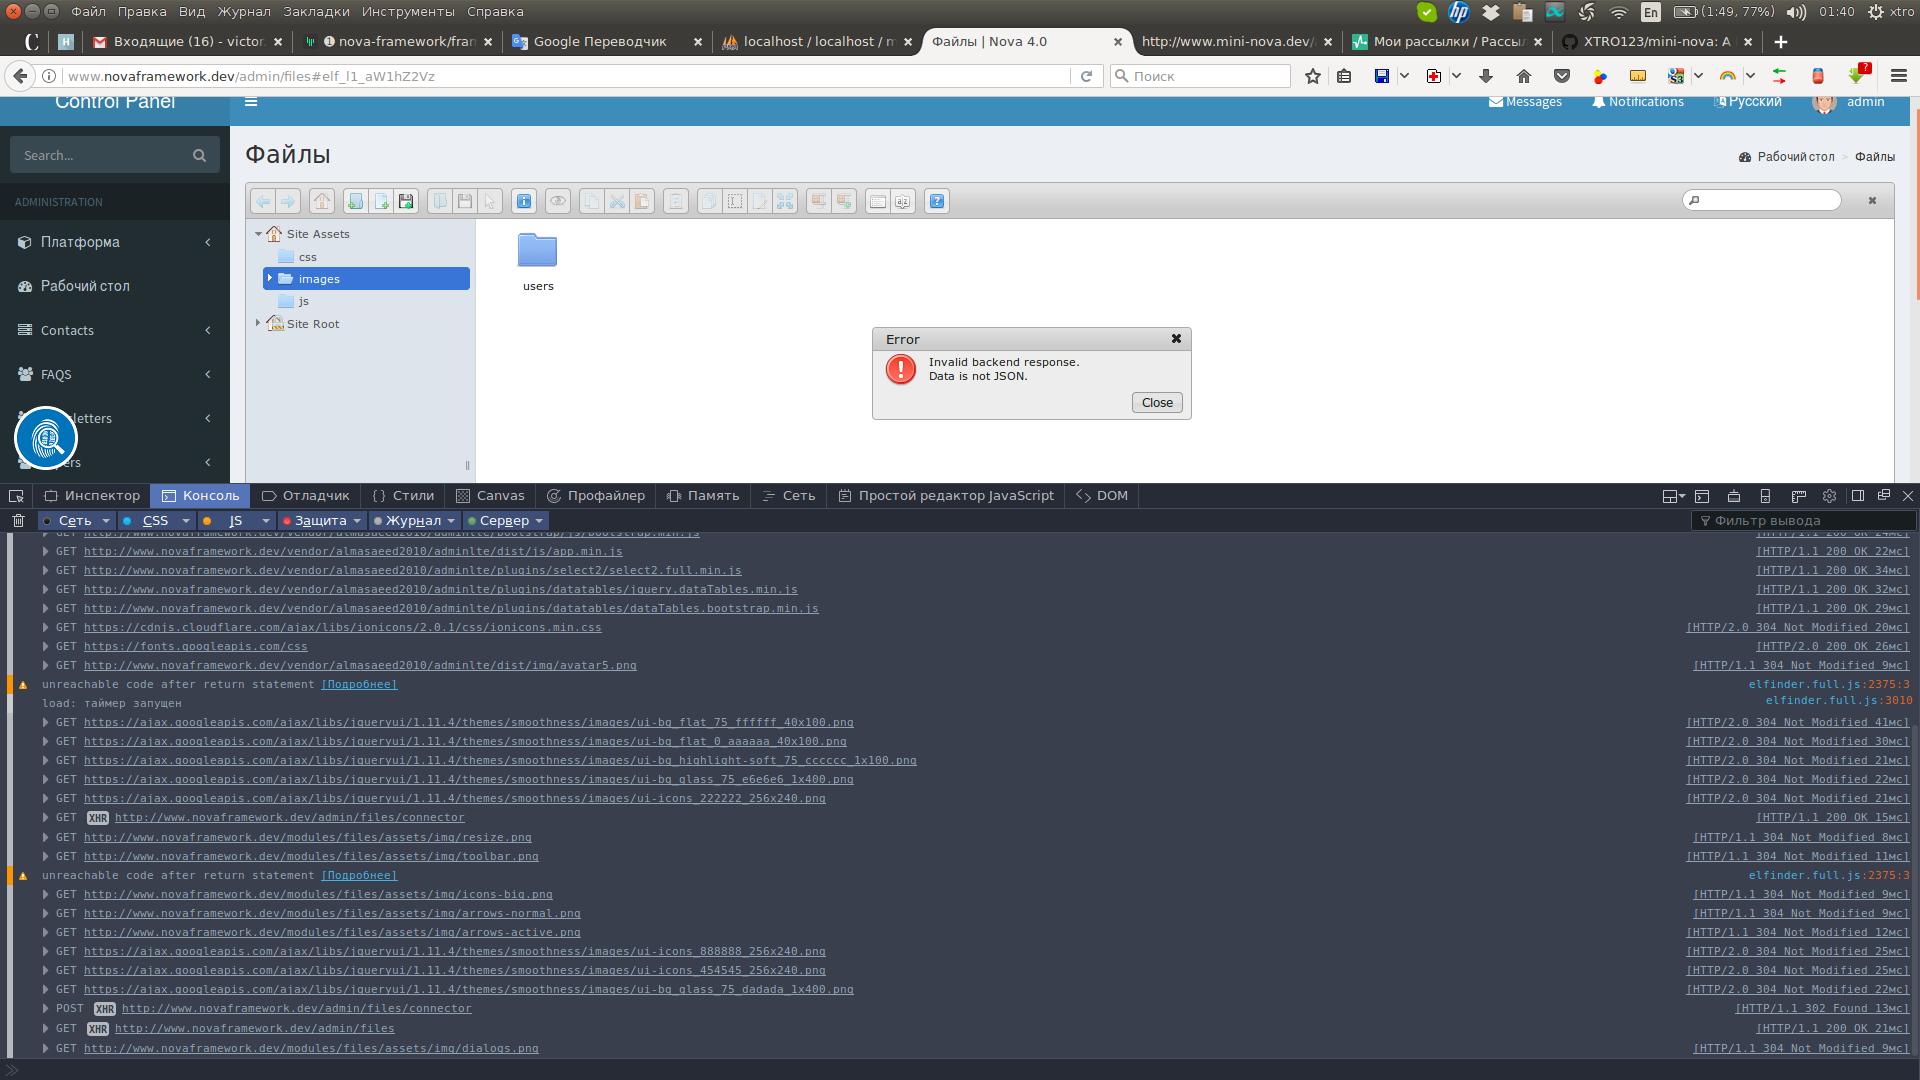 nova-framework/framework/novausers - Gitter